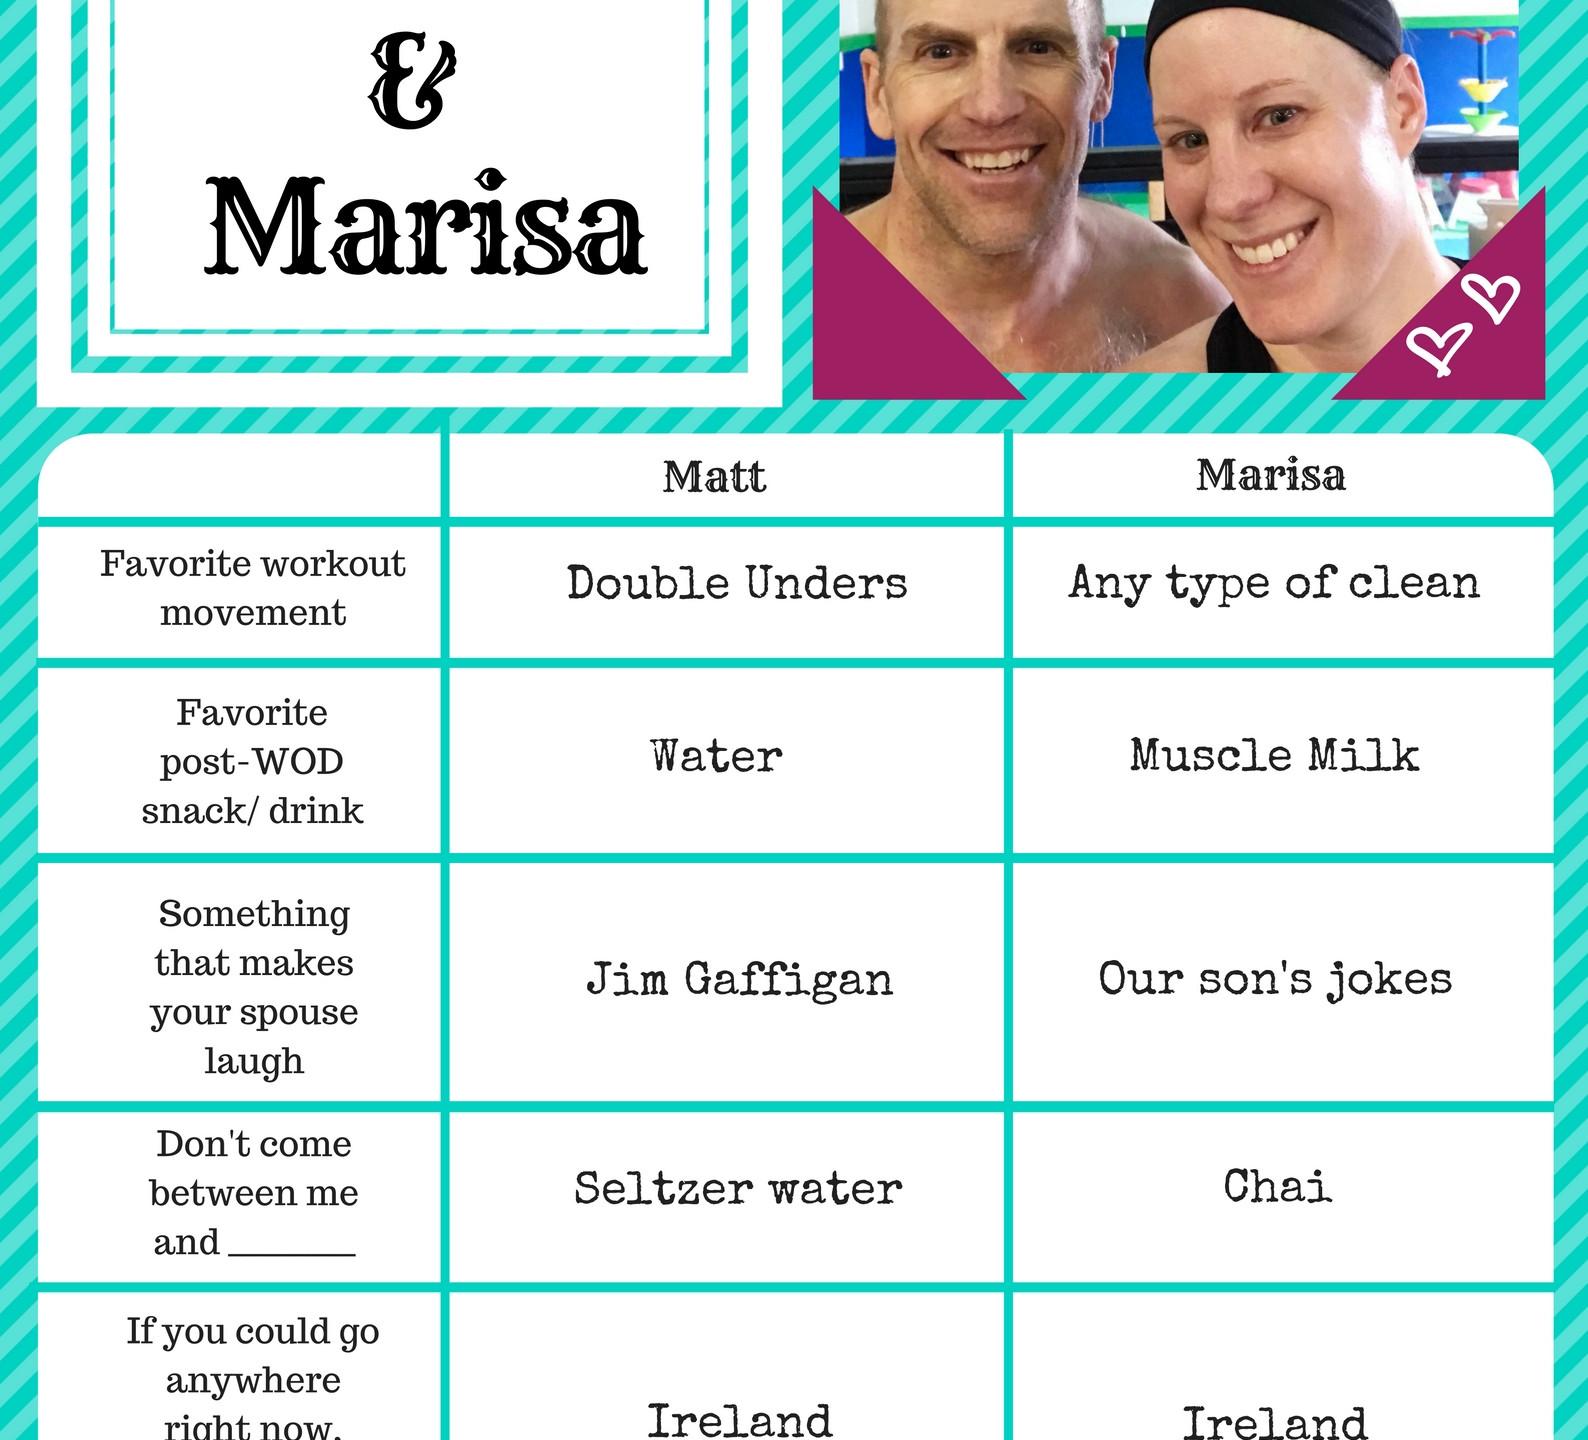 Matt and Marisa